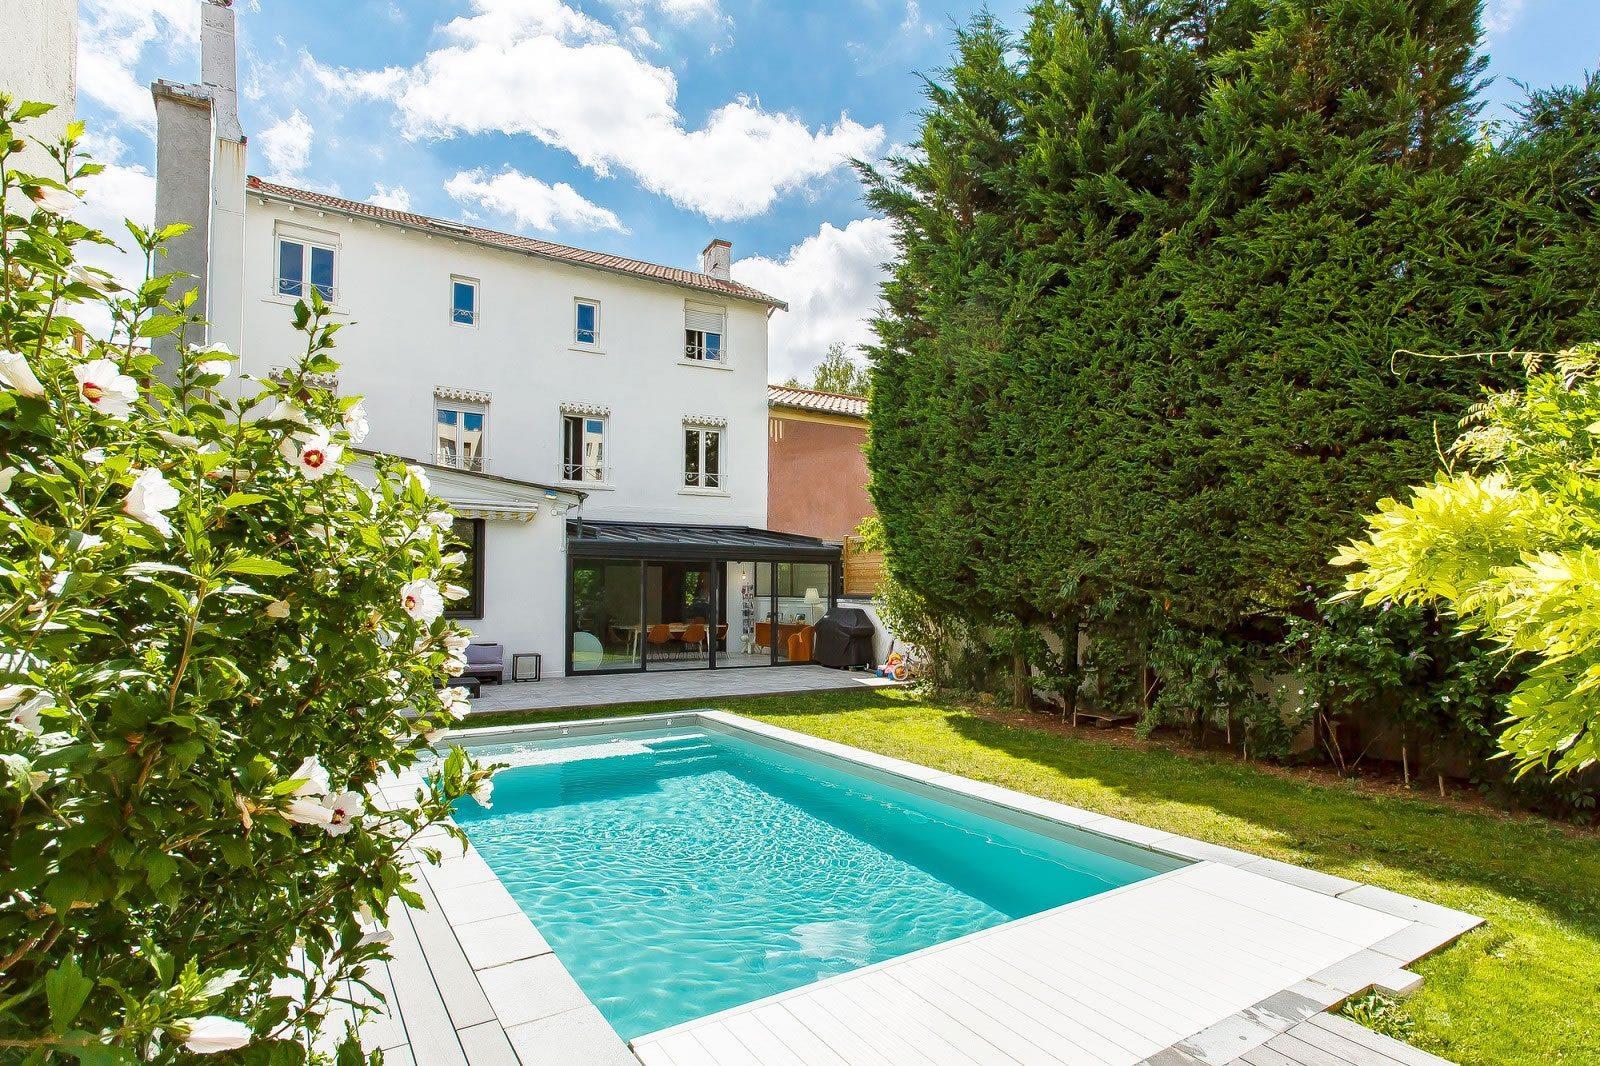 magnifiquement-renovee-maison-a-vendre-croix-rousse-piscine-chauffee-buanderie-cave